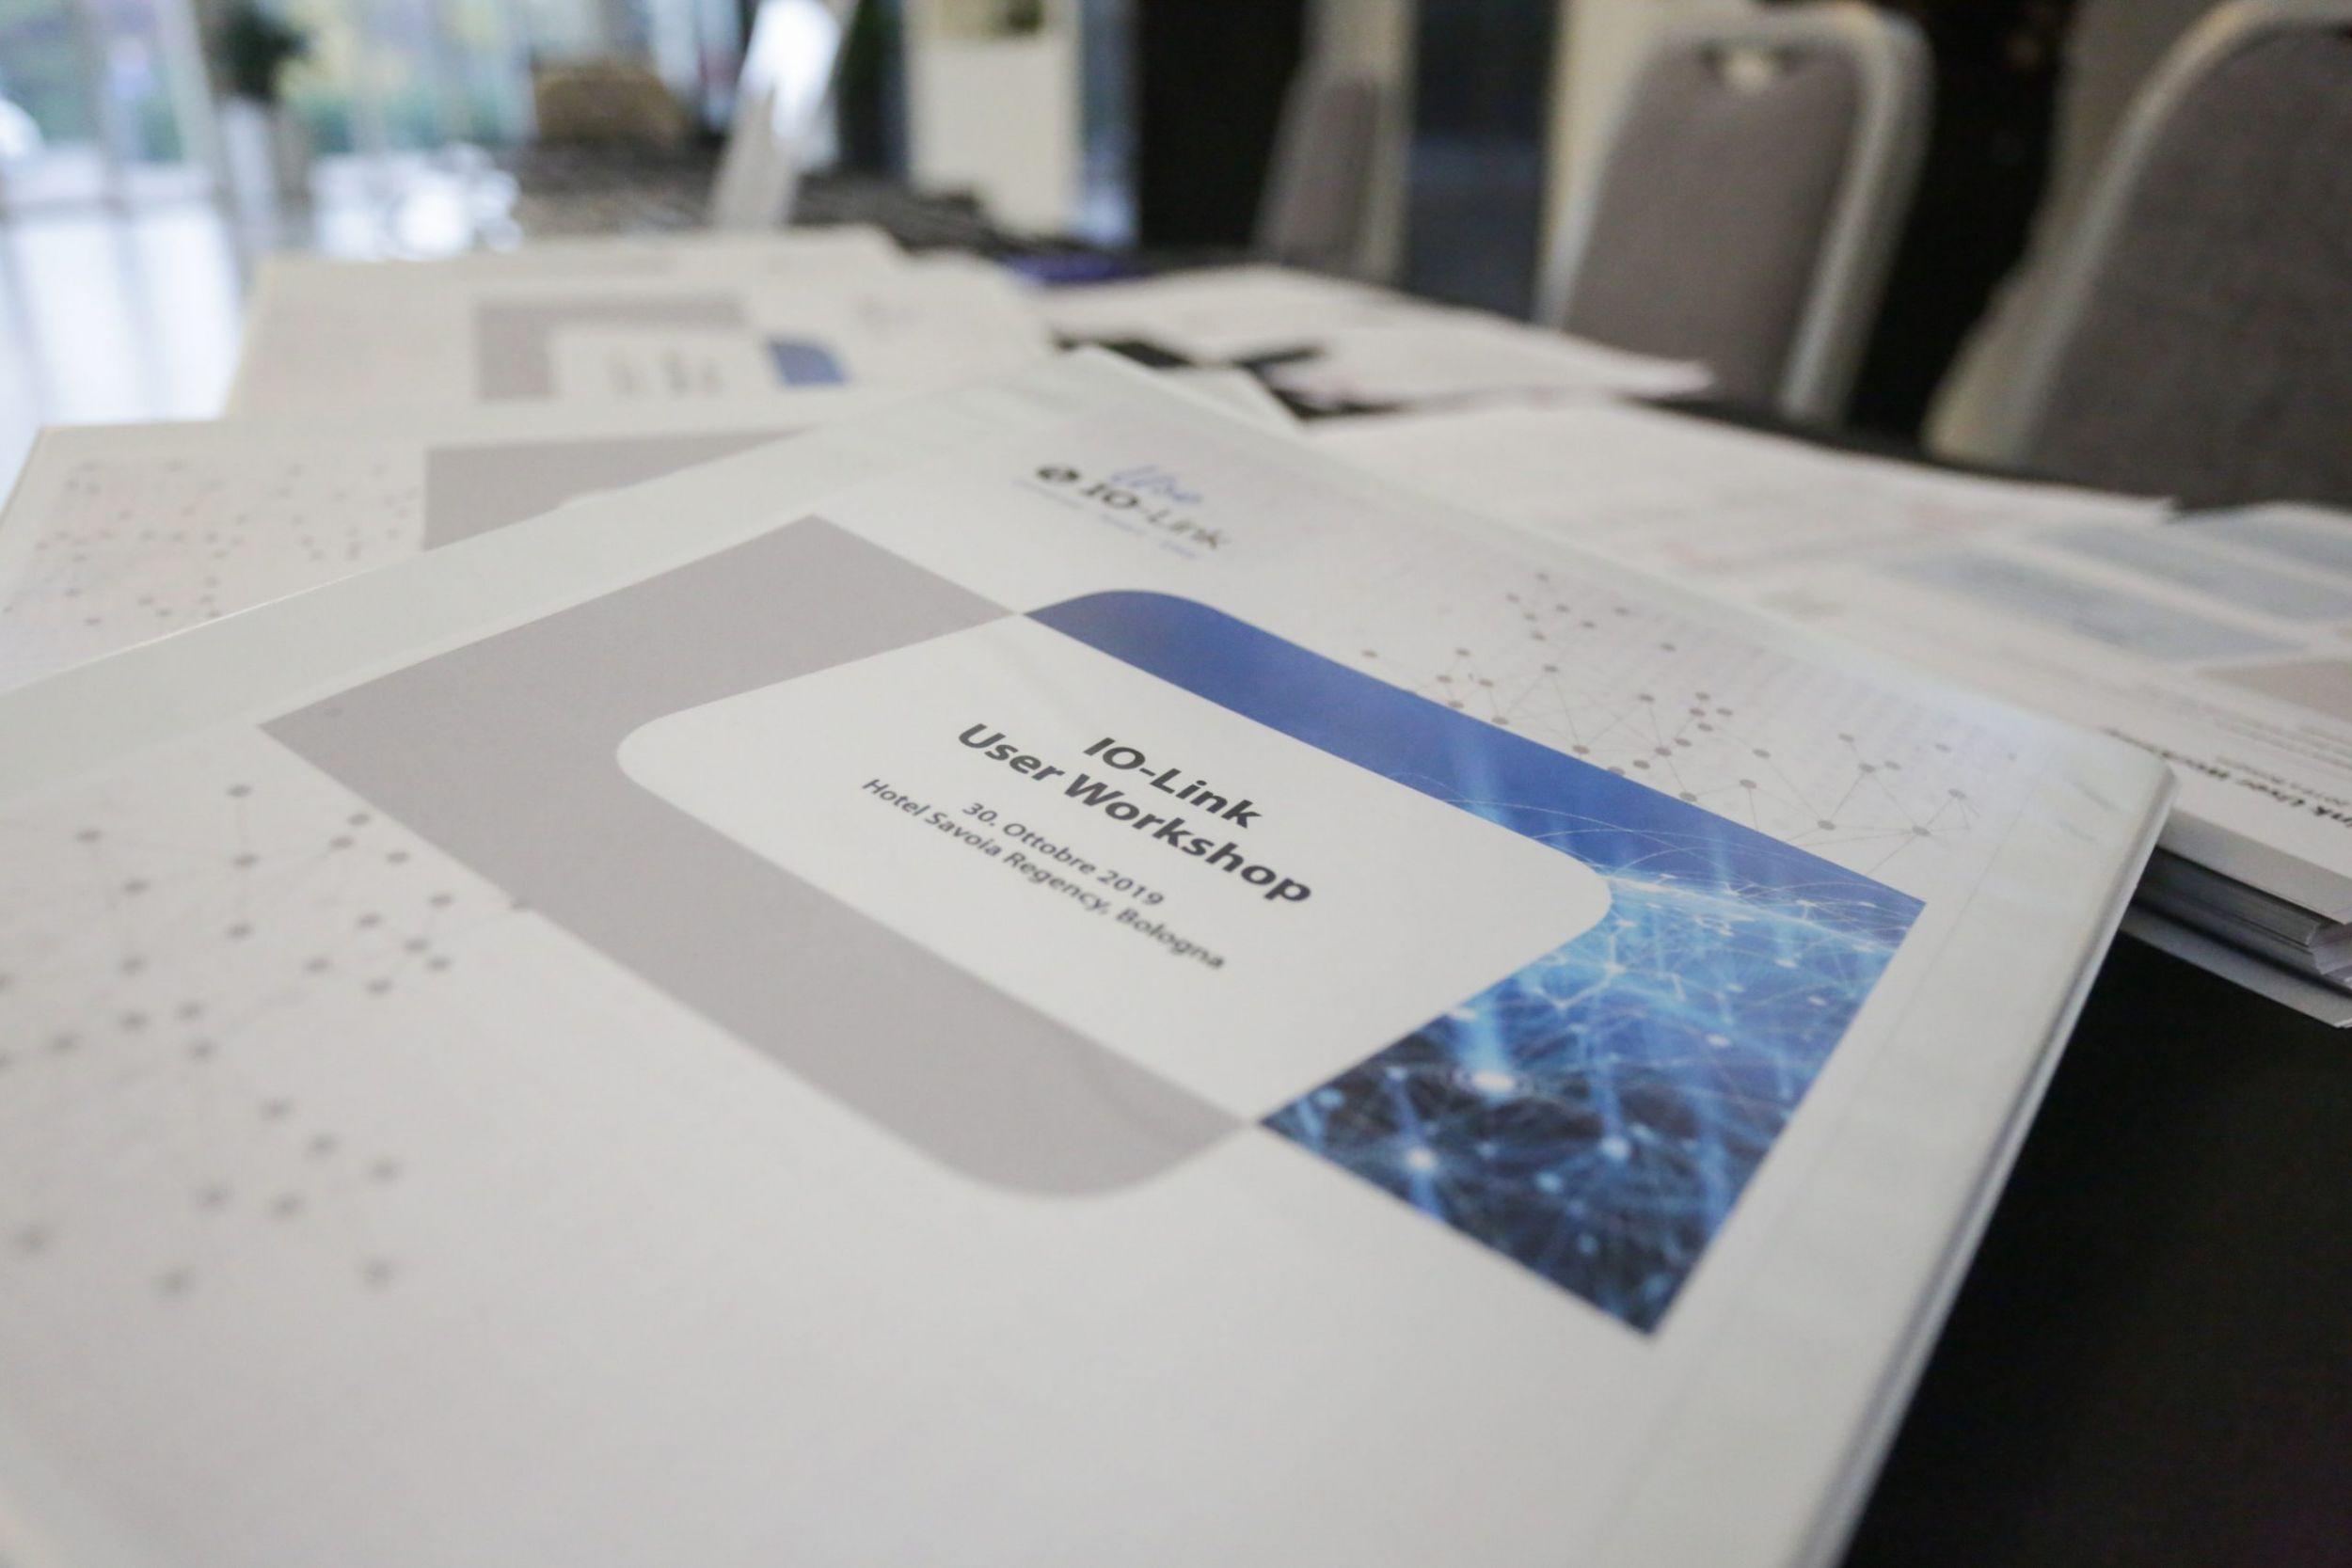 IO-Link-Anwender-Workshop in Friedrichshafen